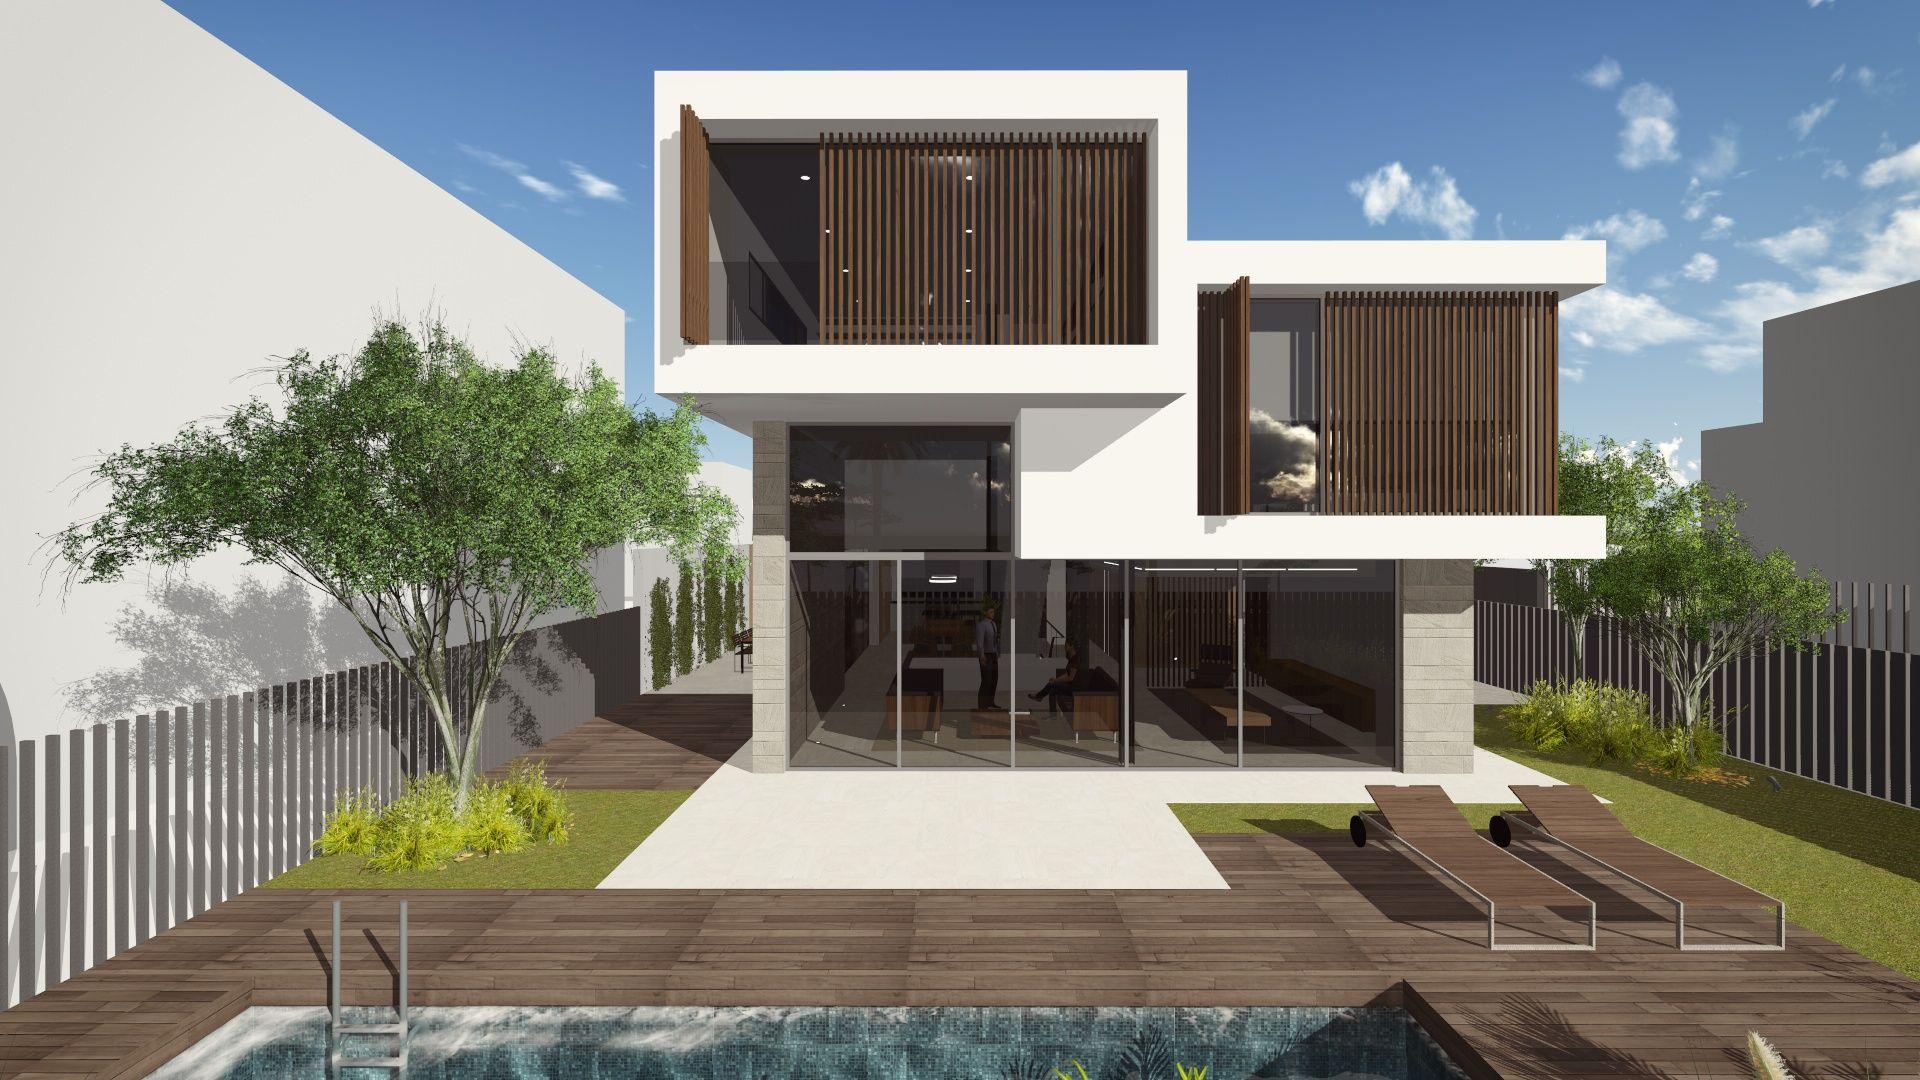 Nuevo proyecto casa p n en pau lled castell n una - Proyecto casa unifamiliar ...